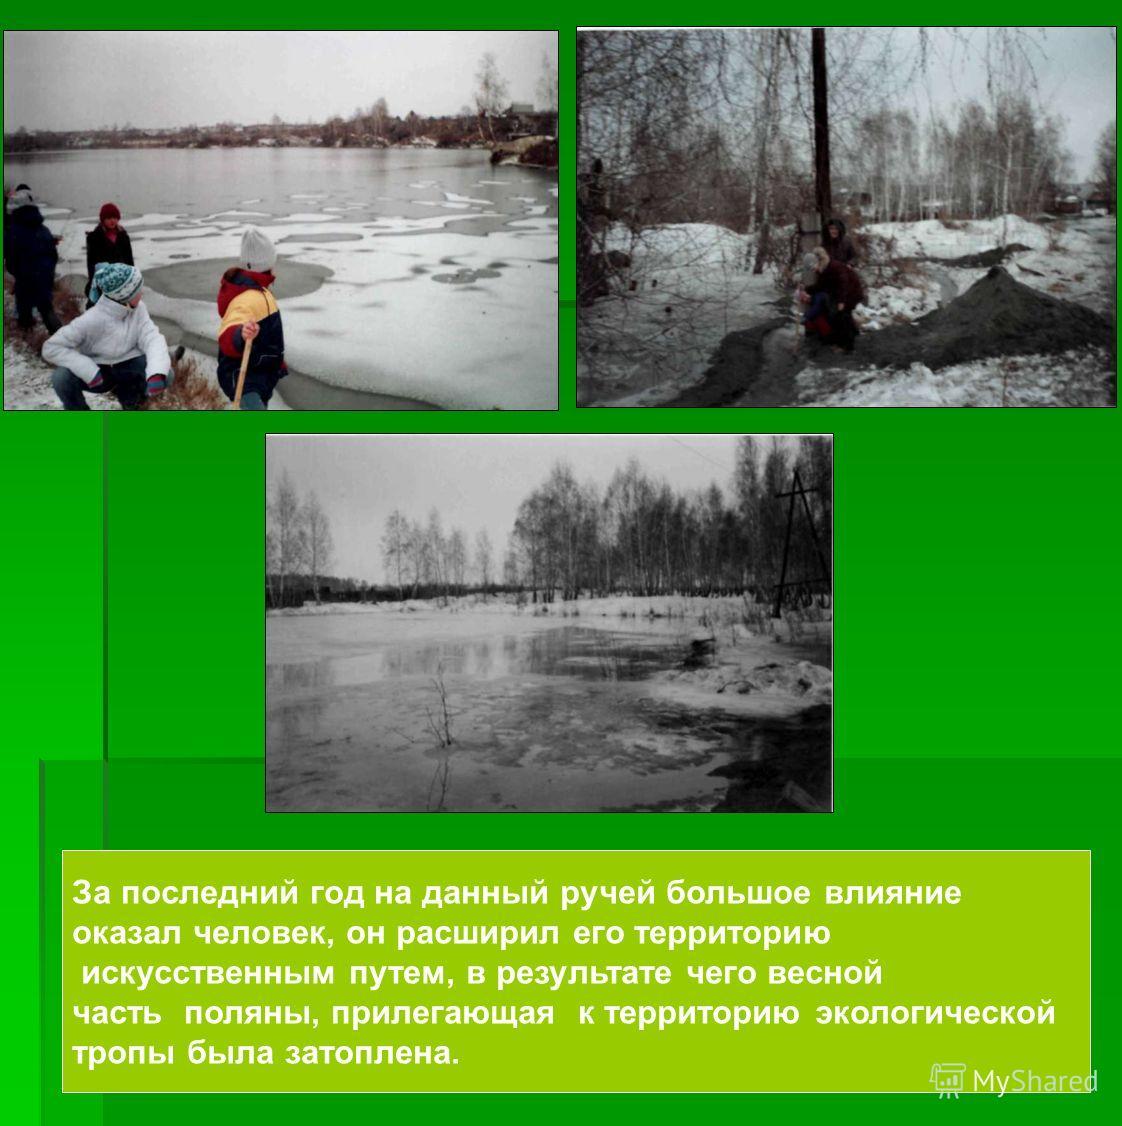 За последний год на данный ручей большое влияние оказал человек, он расширил его территорию искусственным путем, в результате чего весной часть поляны, прилегающая к территорию экологической тропы была затоплена.